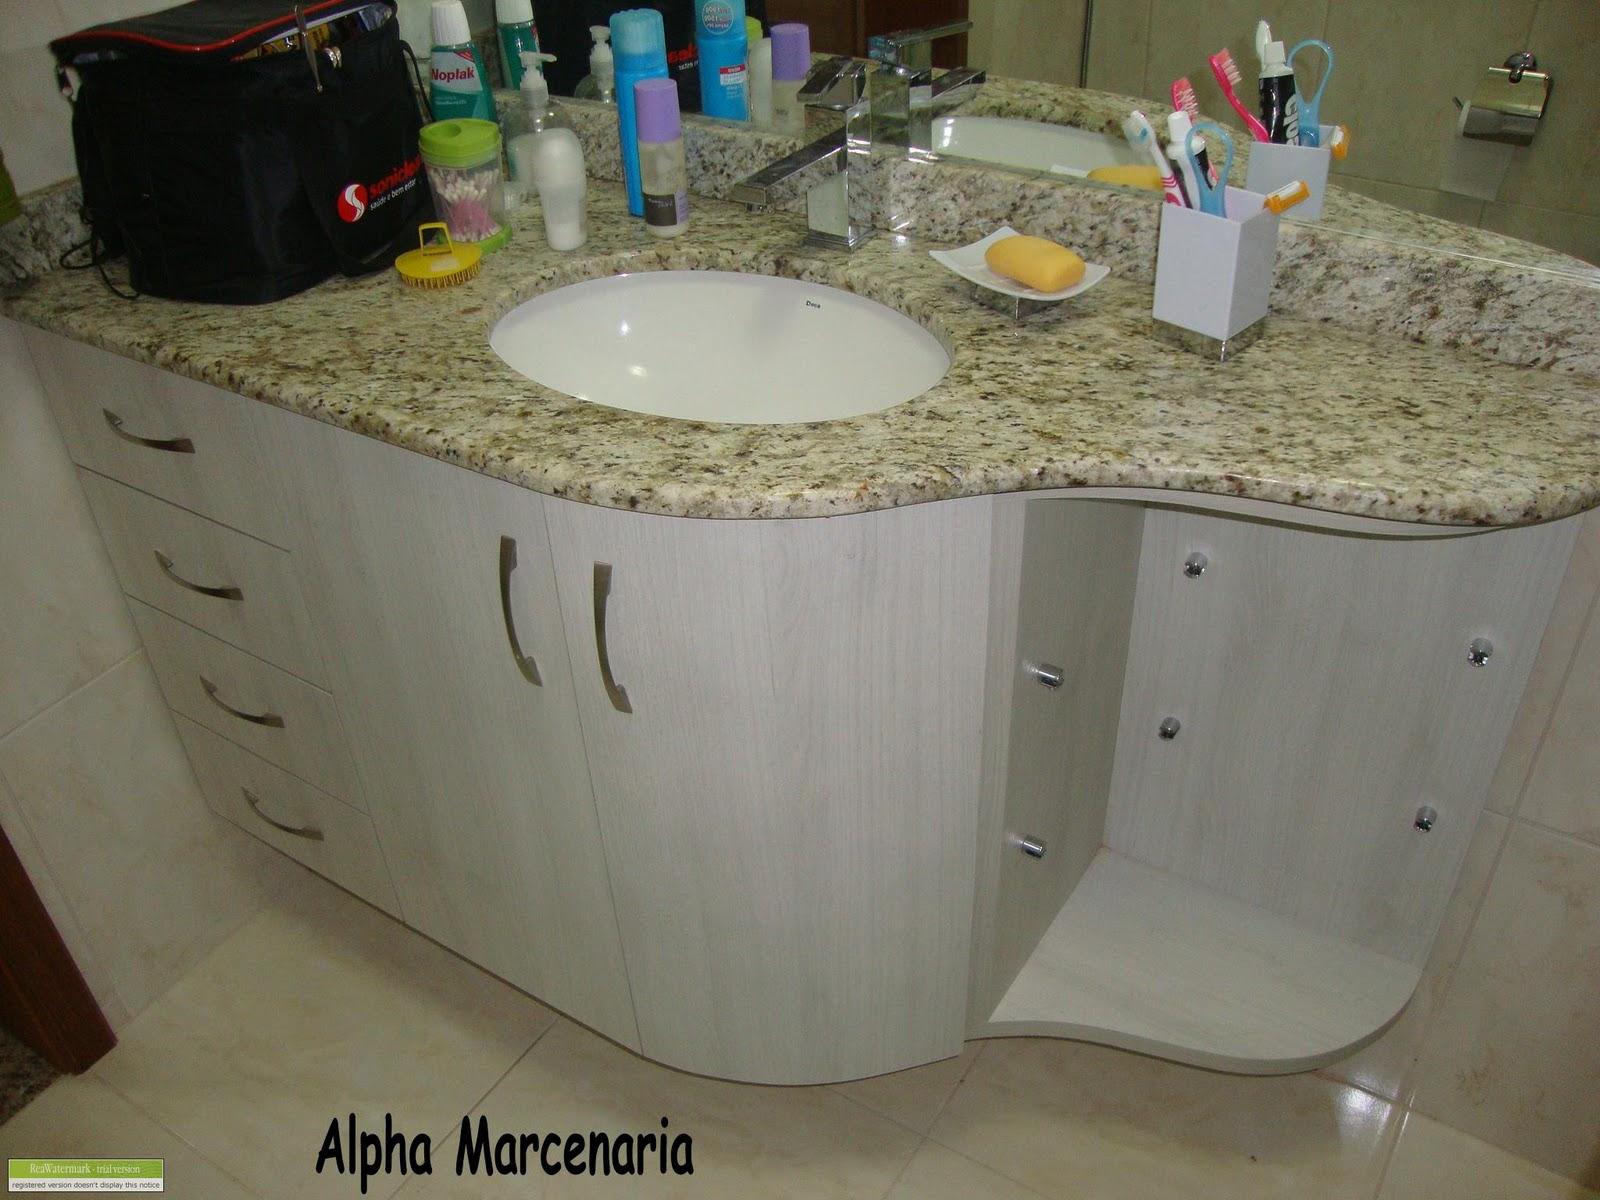 ALPHA MARCENARIA MÓVEIS SOB MEDIDA: Armário de banheiro redondo #25708A 1600x1200 Armario Banheiro Sob Medida